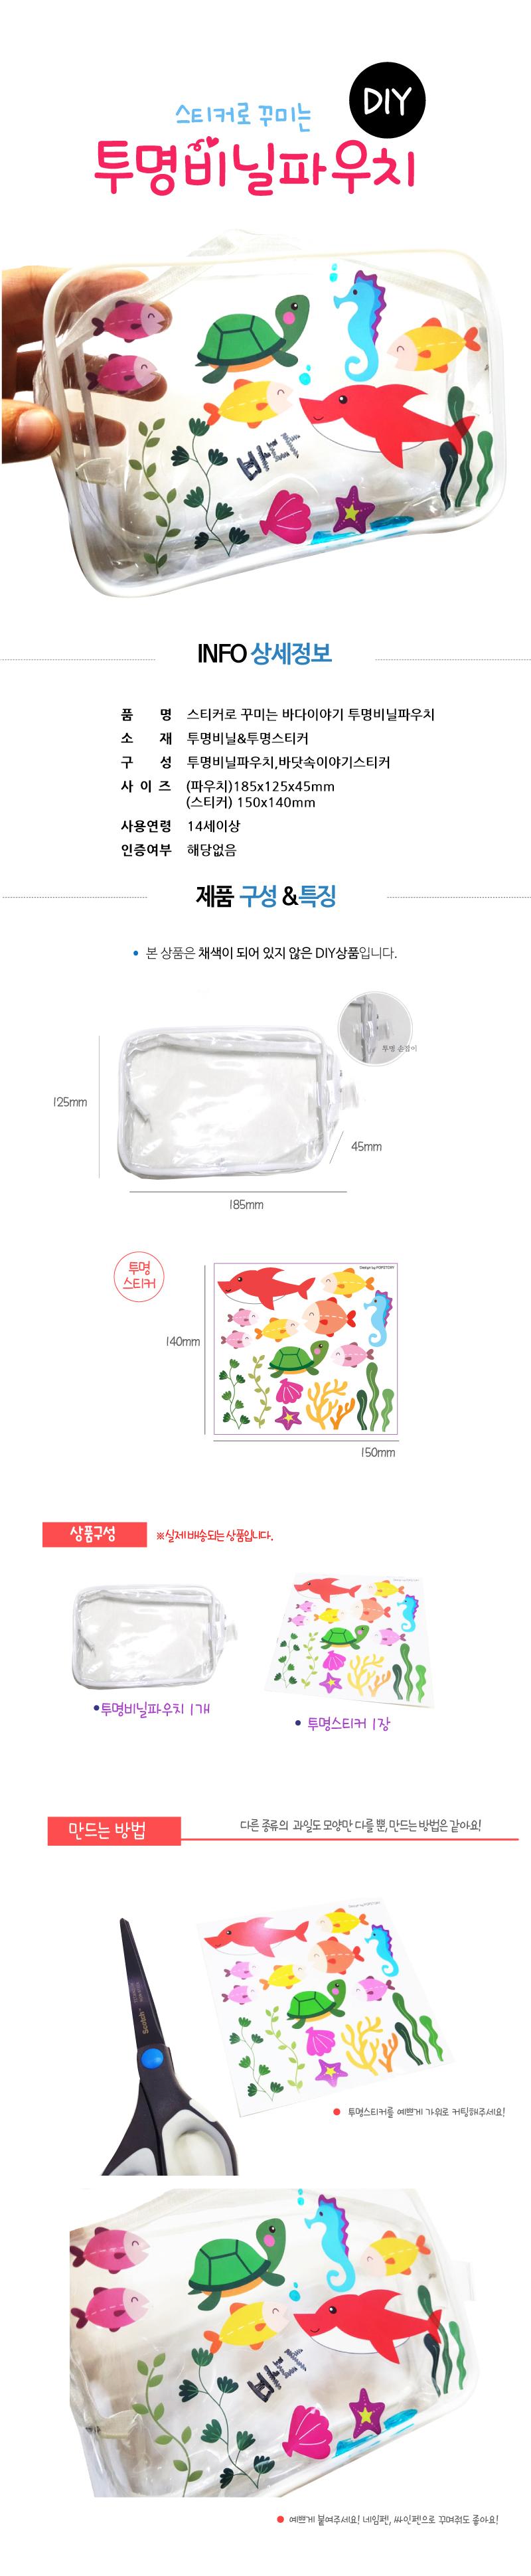 스티커로 꾸미는 바다이야기 투명비닐파우치 - 피오피스토리, 1,800원, DIY그리기, 캐릭터 그리기